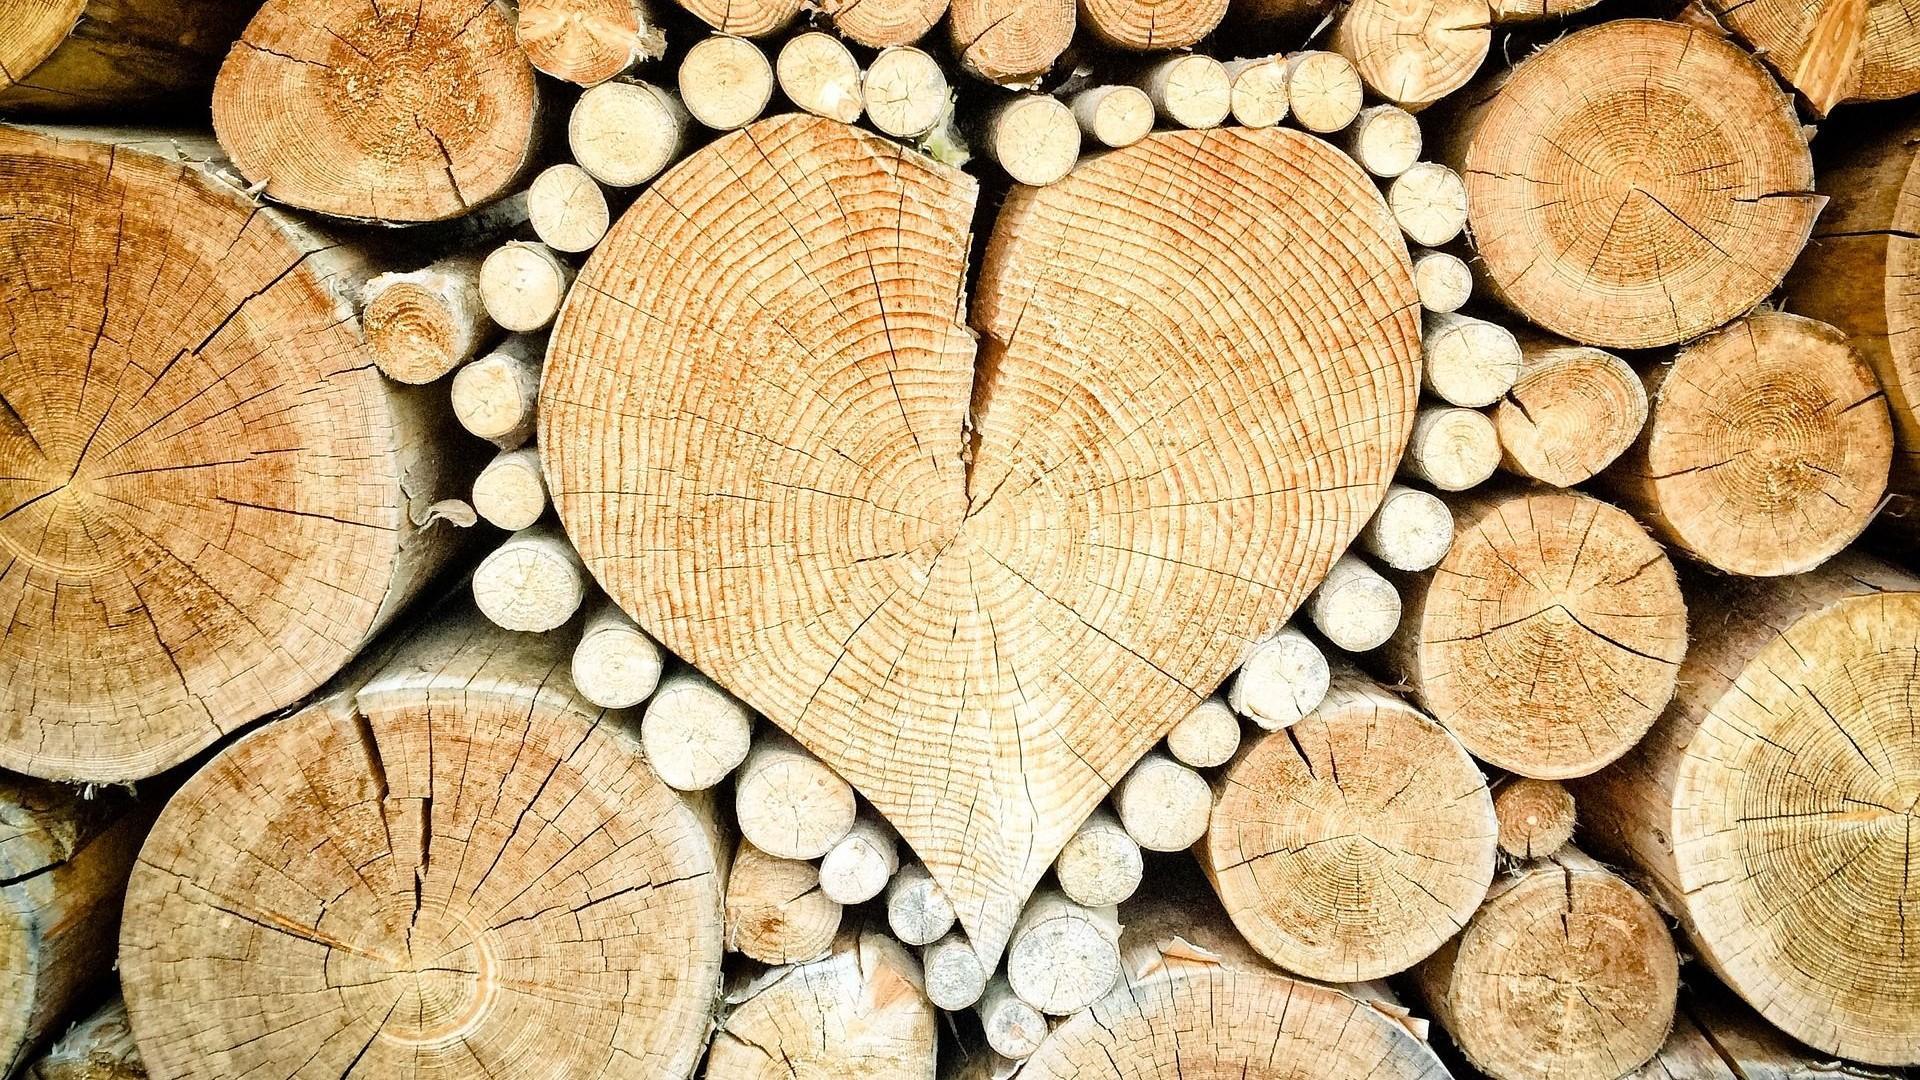 Beim nachhaltigen Bauen sollten möglichst wiederverwertbare Materialen wie beispielsweise Holz verwendet werden.